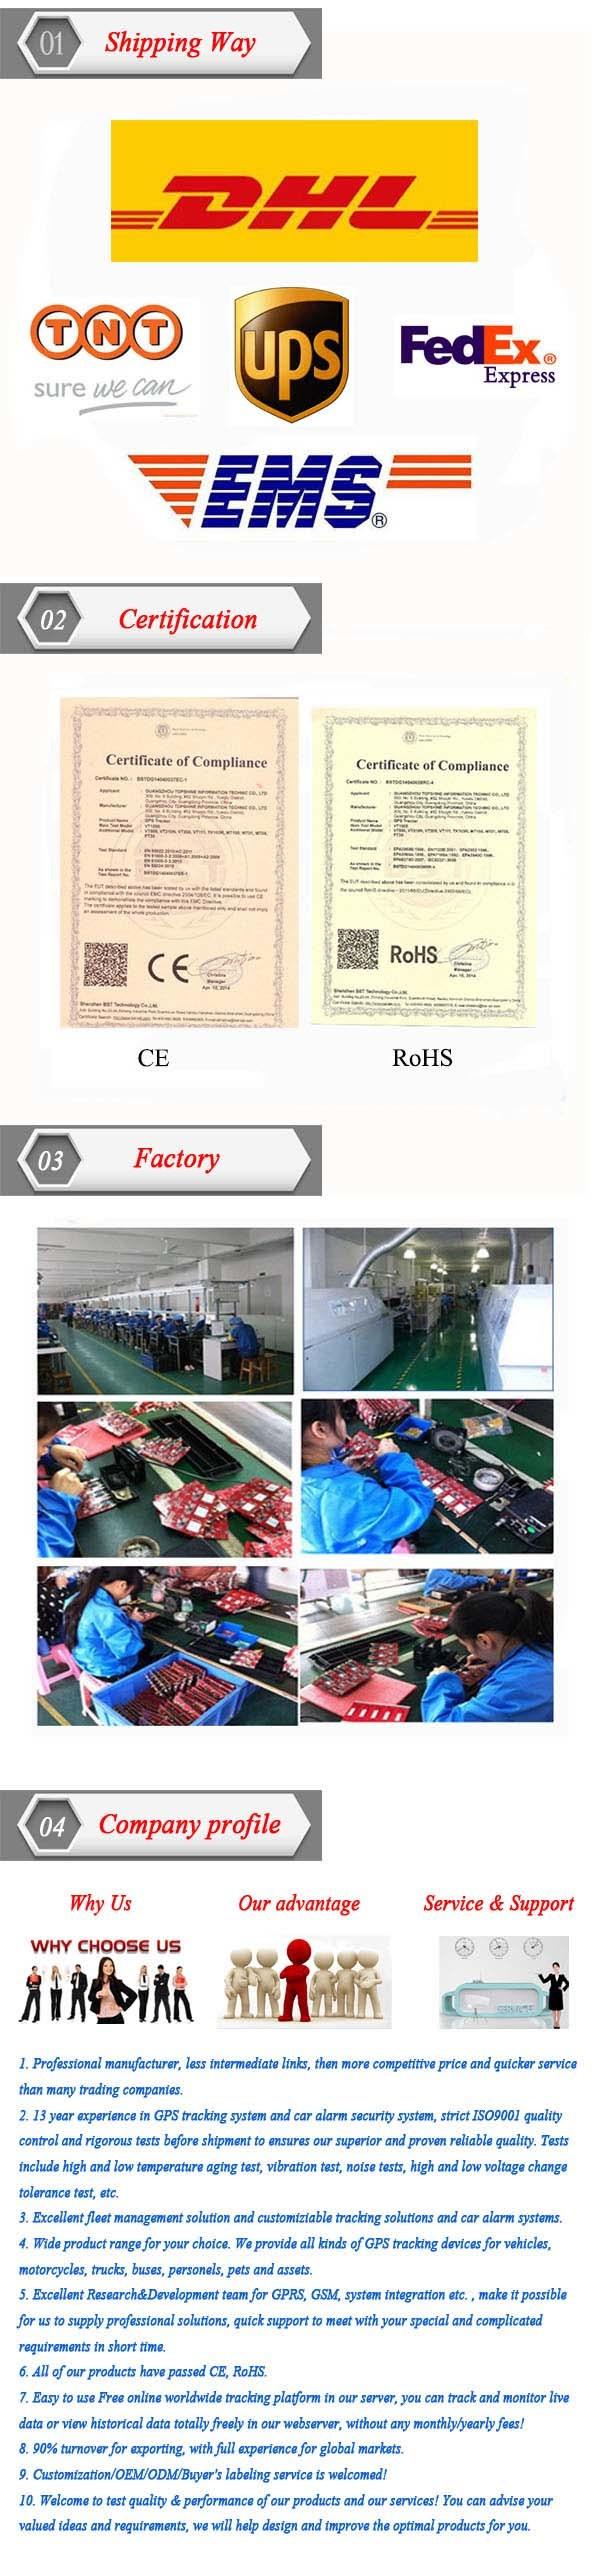 Quectel Company